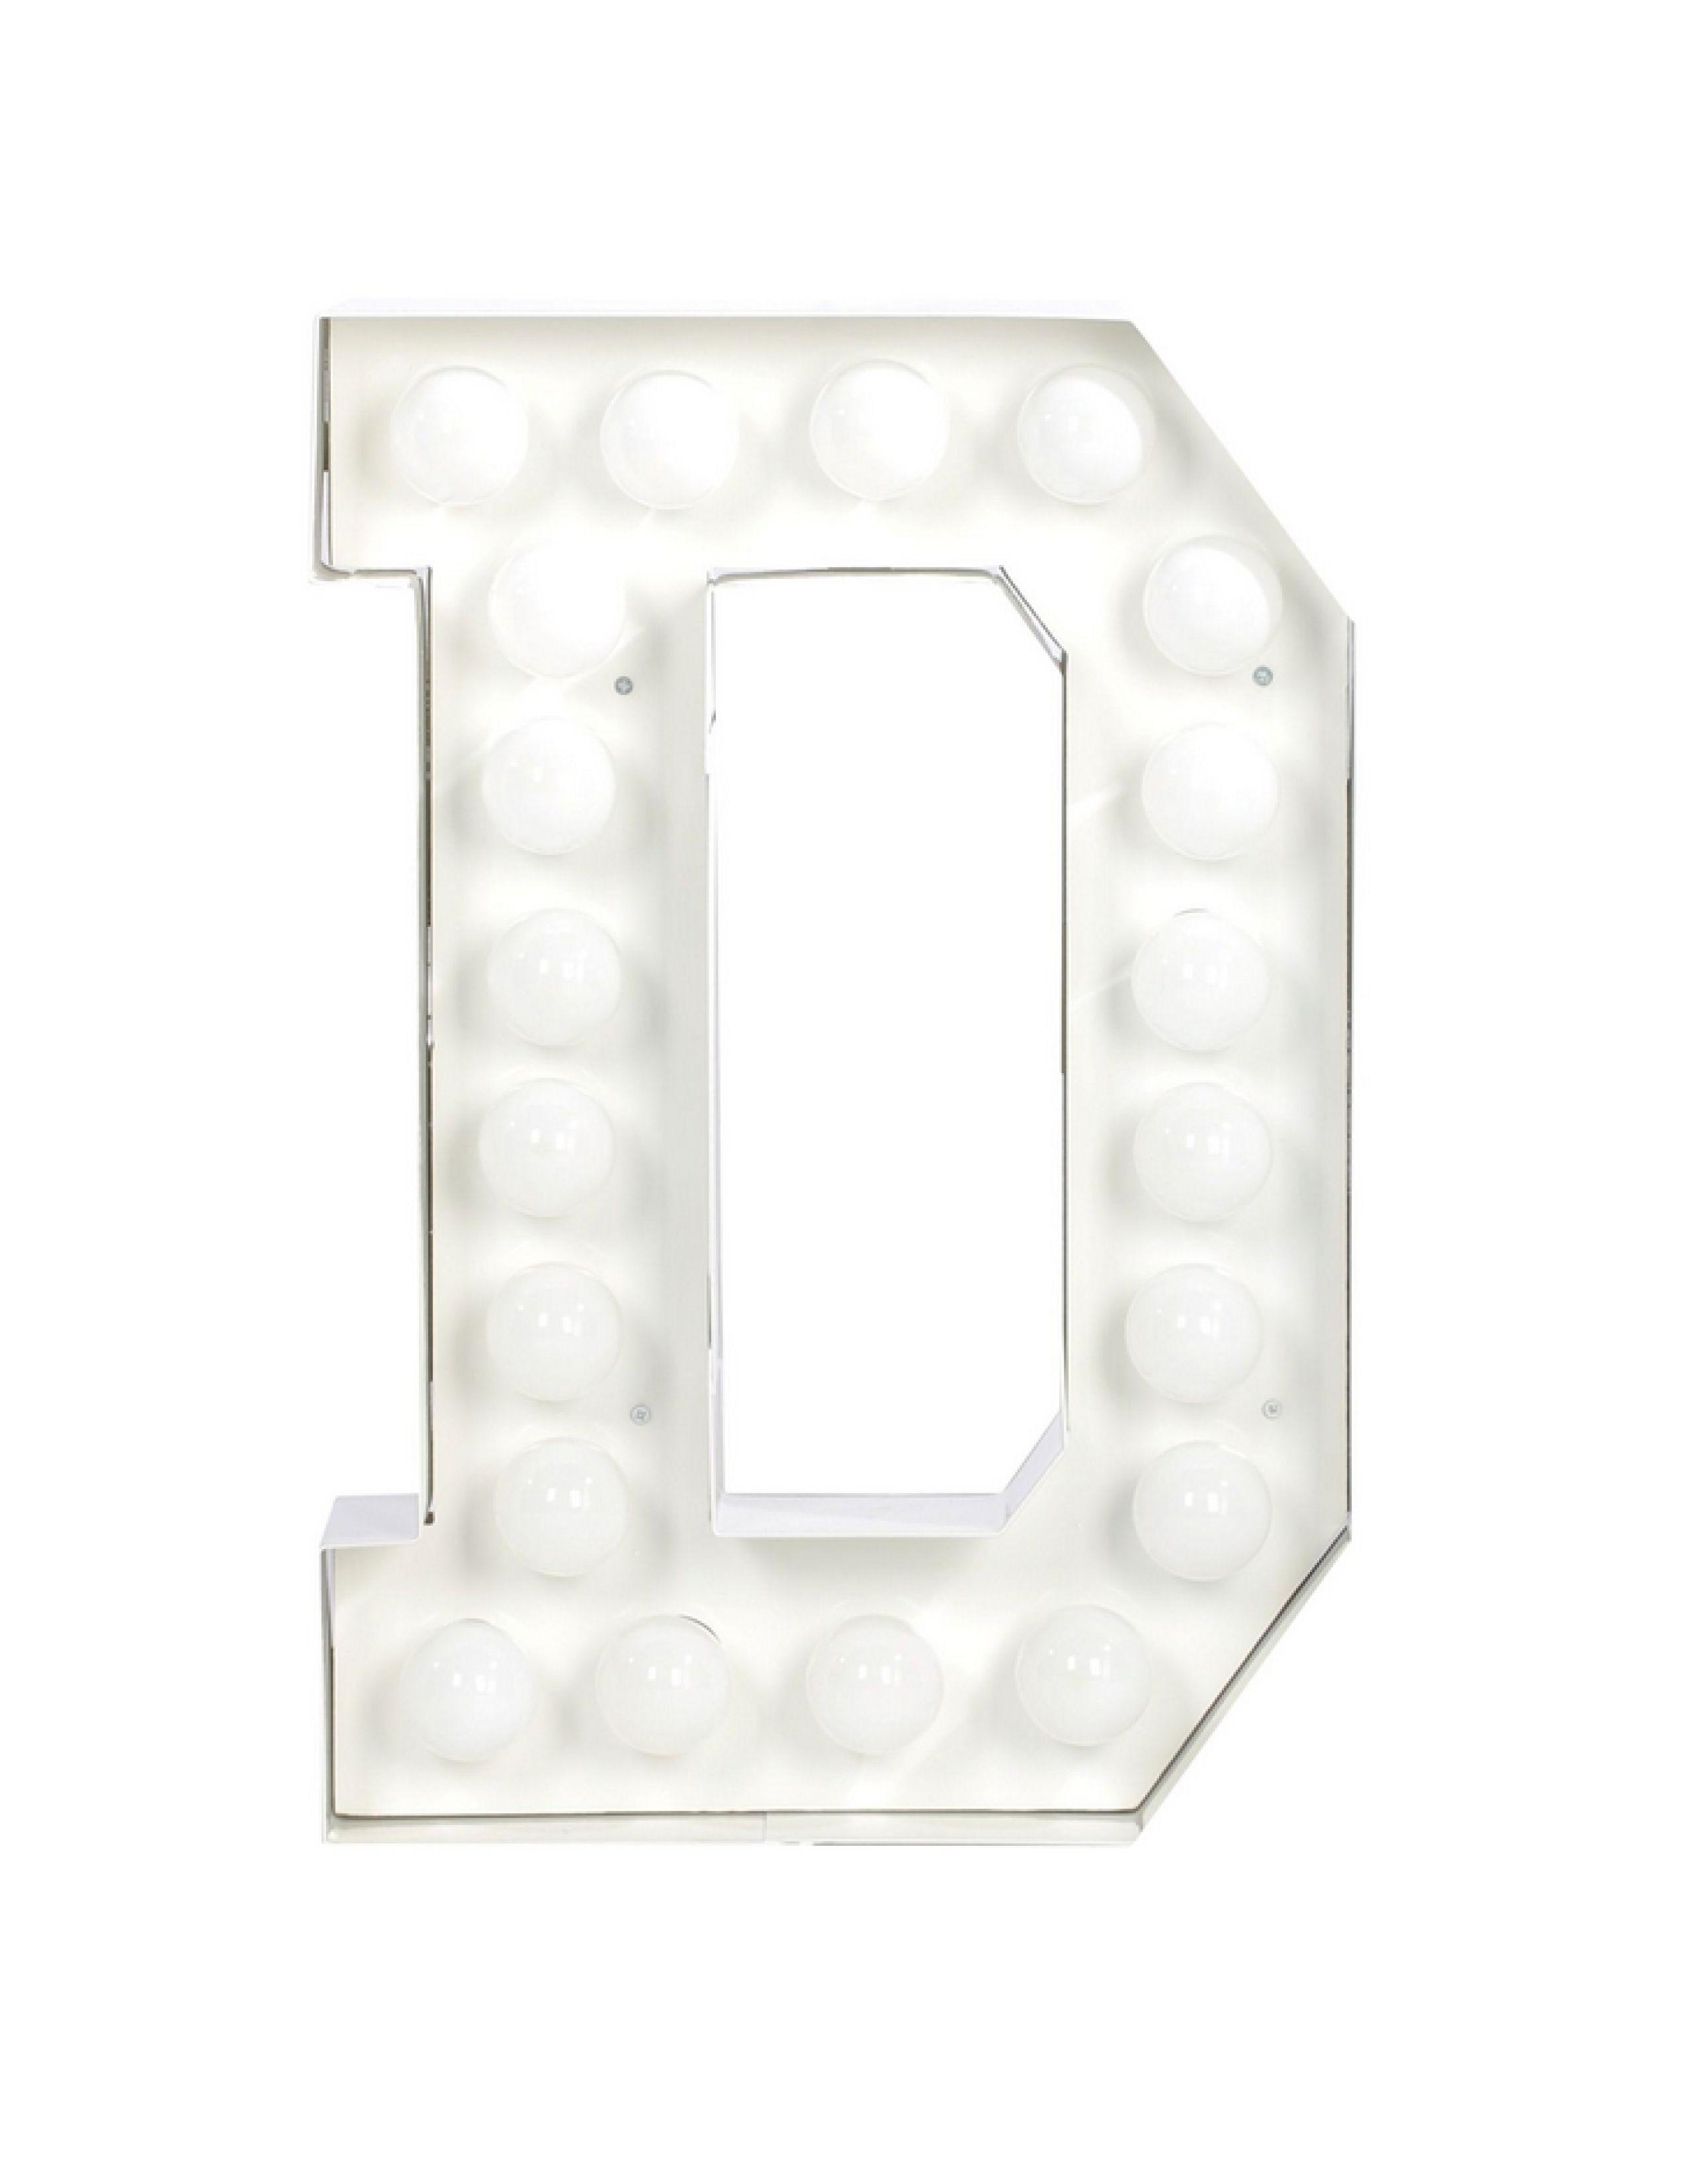 Seletti VEGAZ LED verlichting D